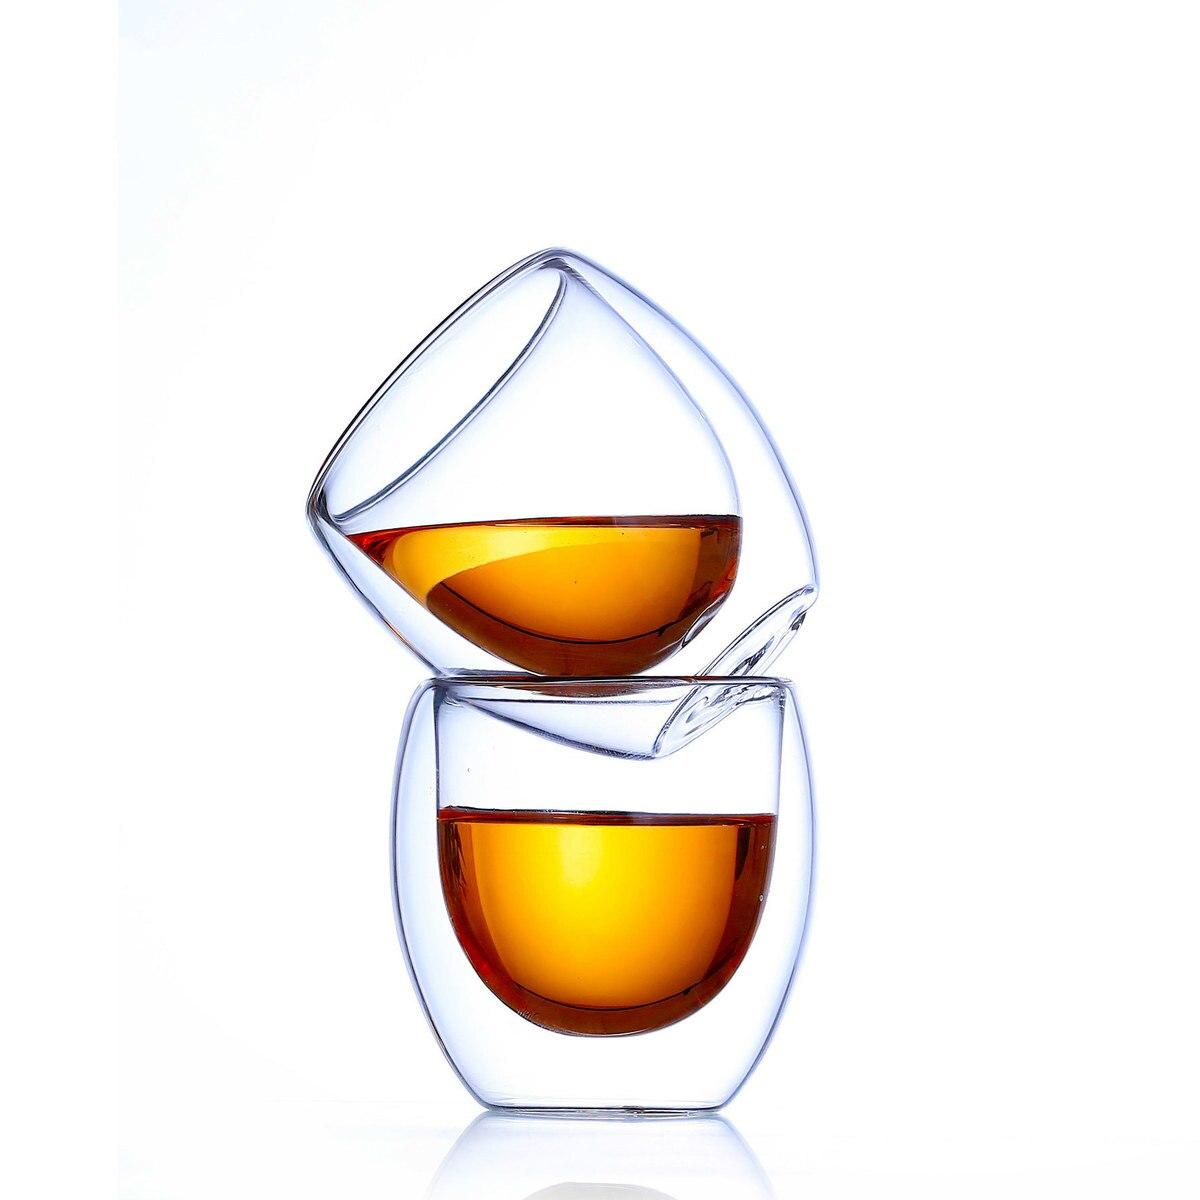 كوب شاي صغير على شكل بيضة ، جدار مزدوج ، مضاد للحرق ، مصنوع من الزجاج ، للاستخدام المنزلي ، فنجان قهوة نسبرسو ، 6 قطعة